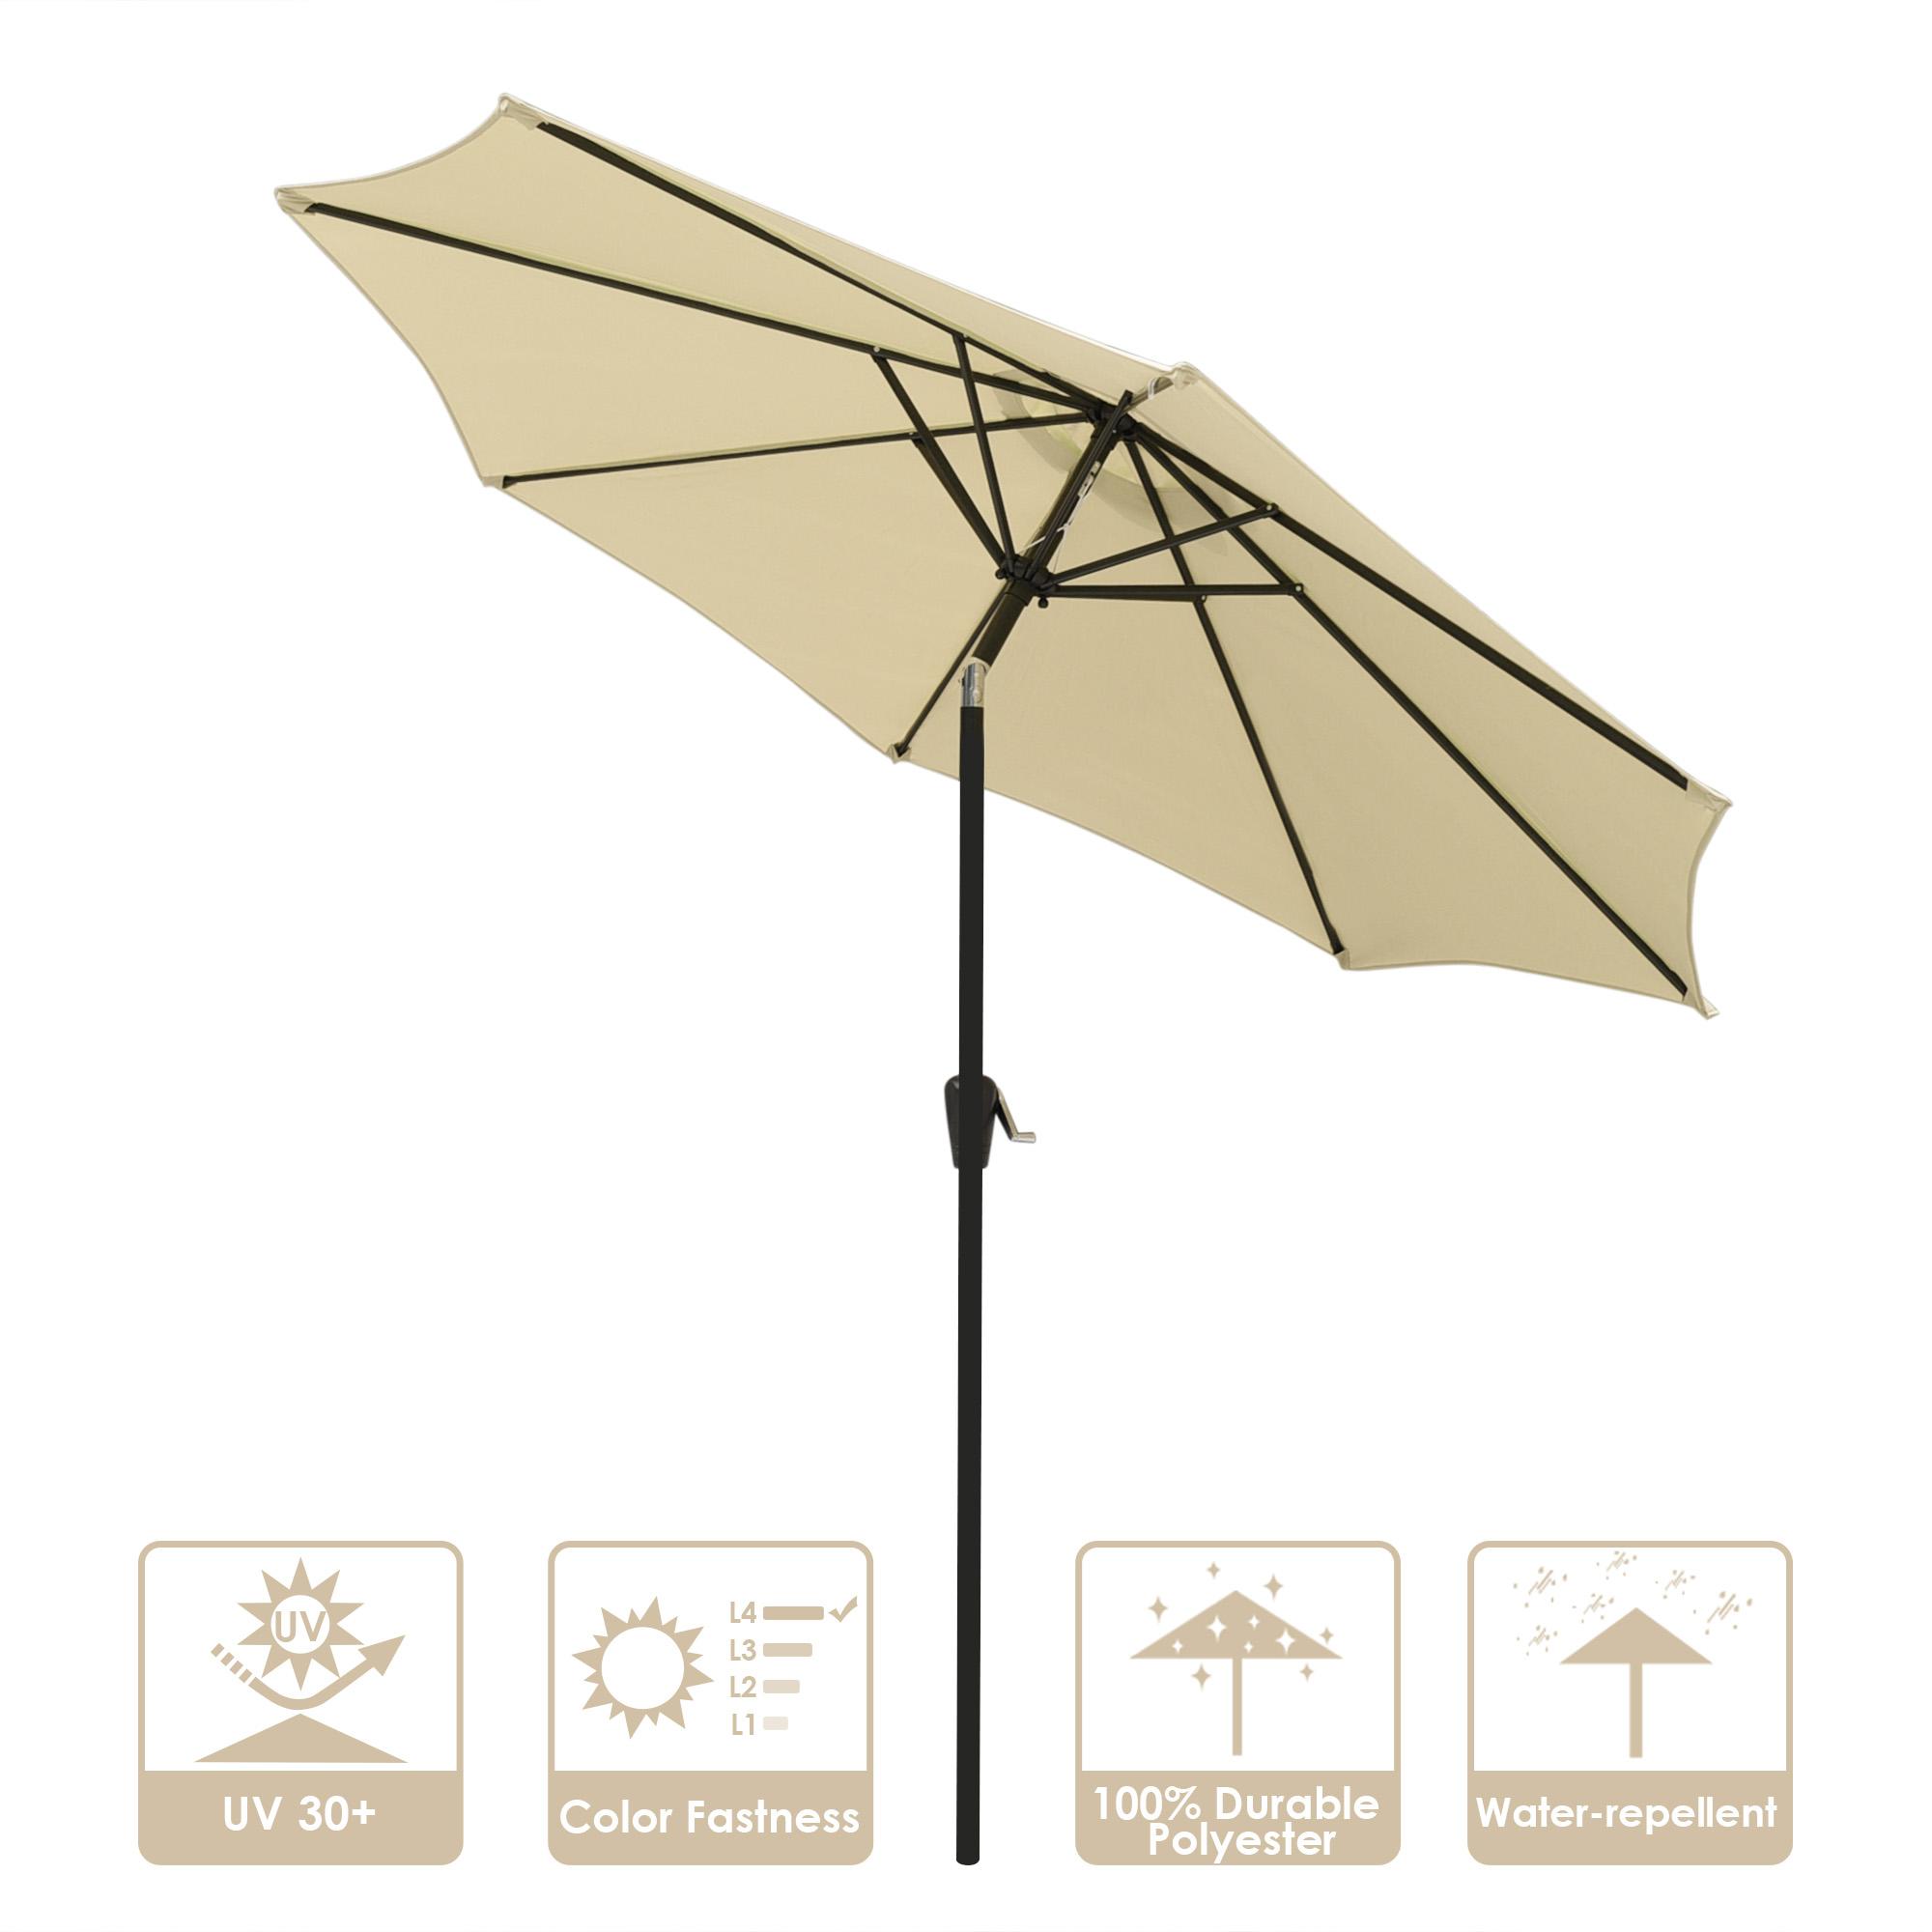 thumbnail 22 - 9' Outdoor Umbrella Patio 8 Ribs Market Garden Crank Tilt Beach Sunshade Parasol